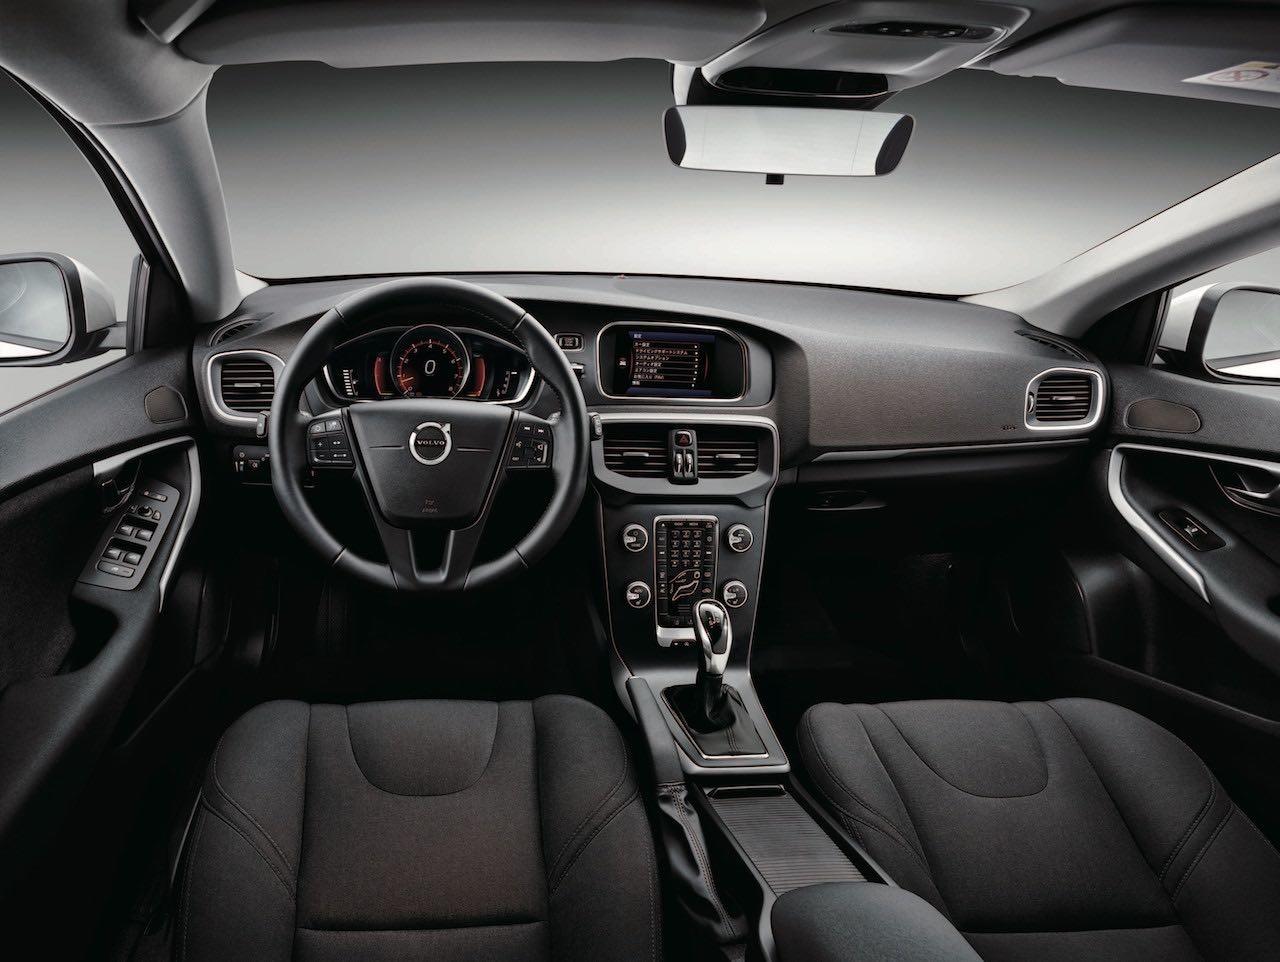 『ボルボ・V40』に200万円台のエントリーモデル「T2 Kinetic」を追加